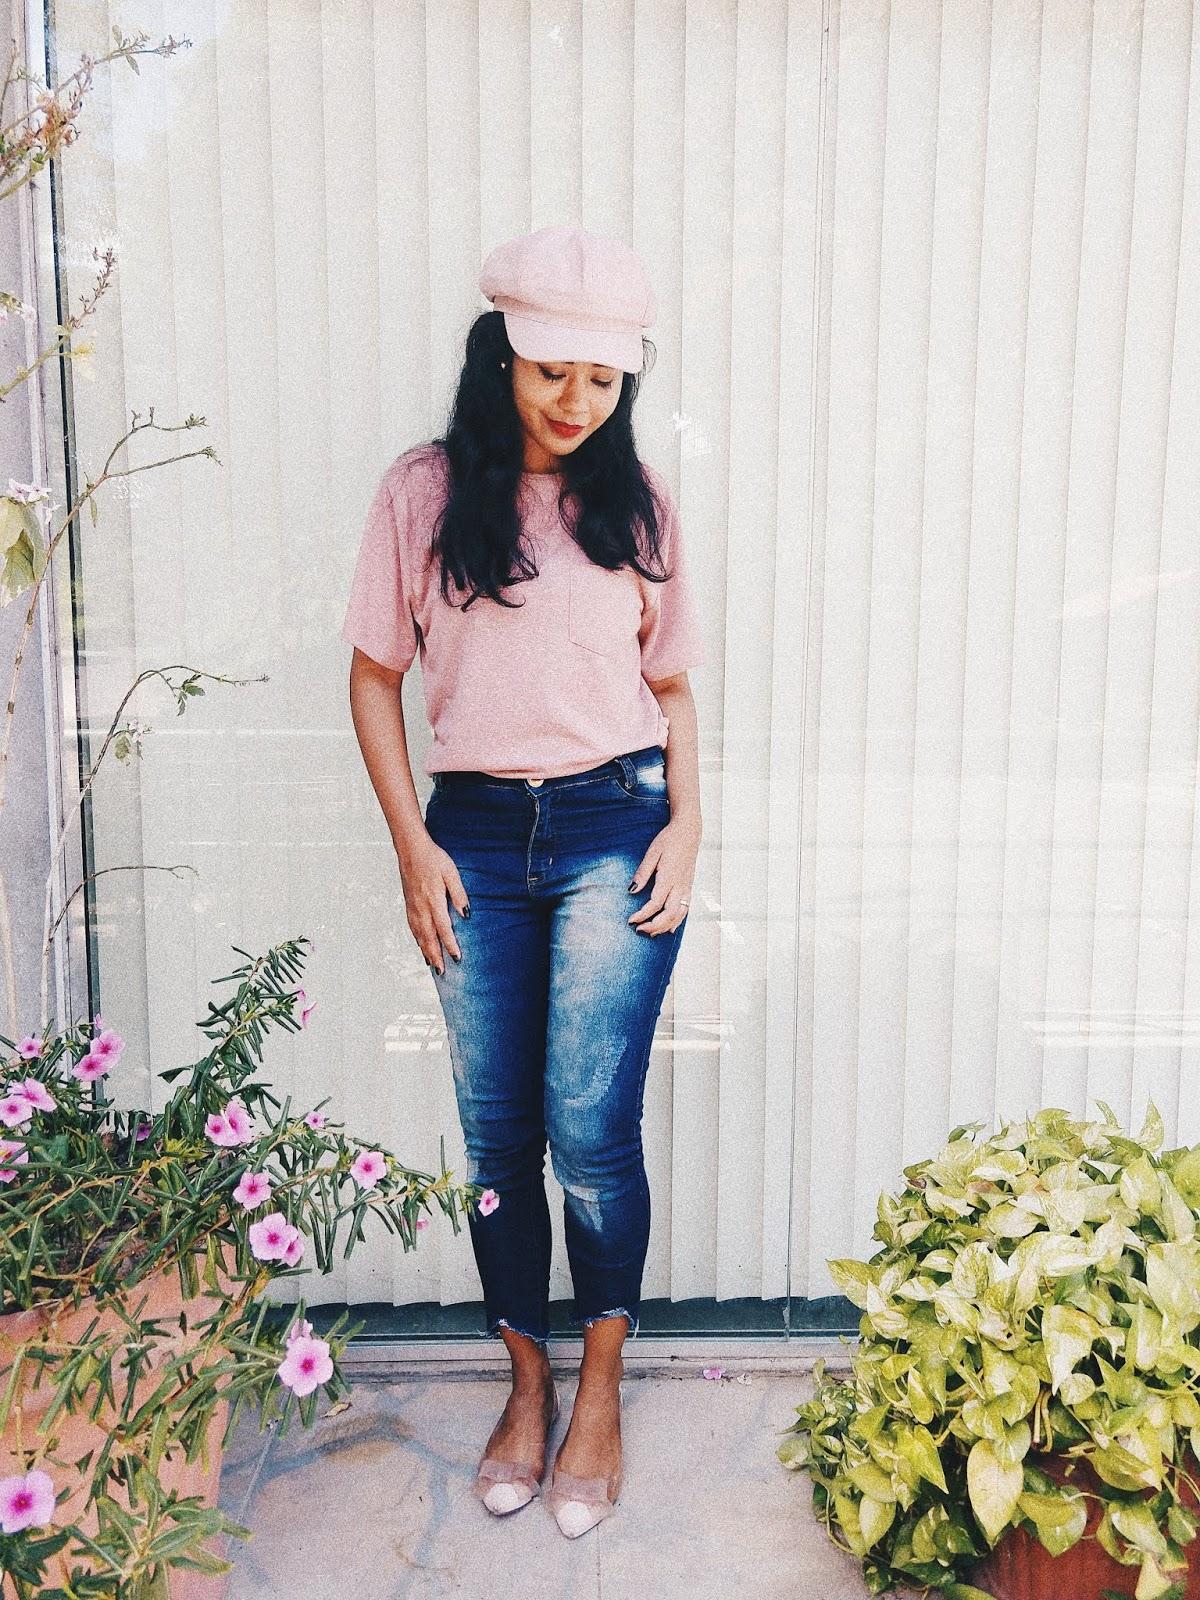 Camiseta rosa + jeans